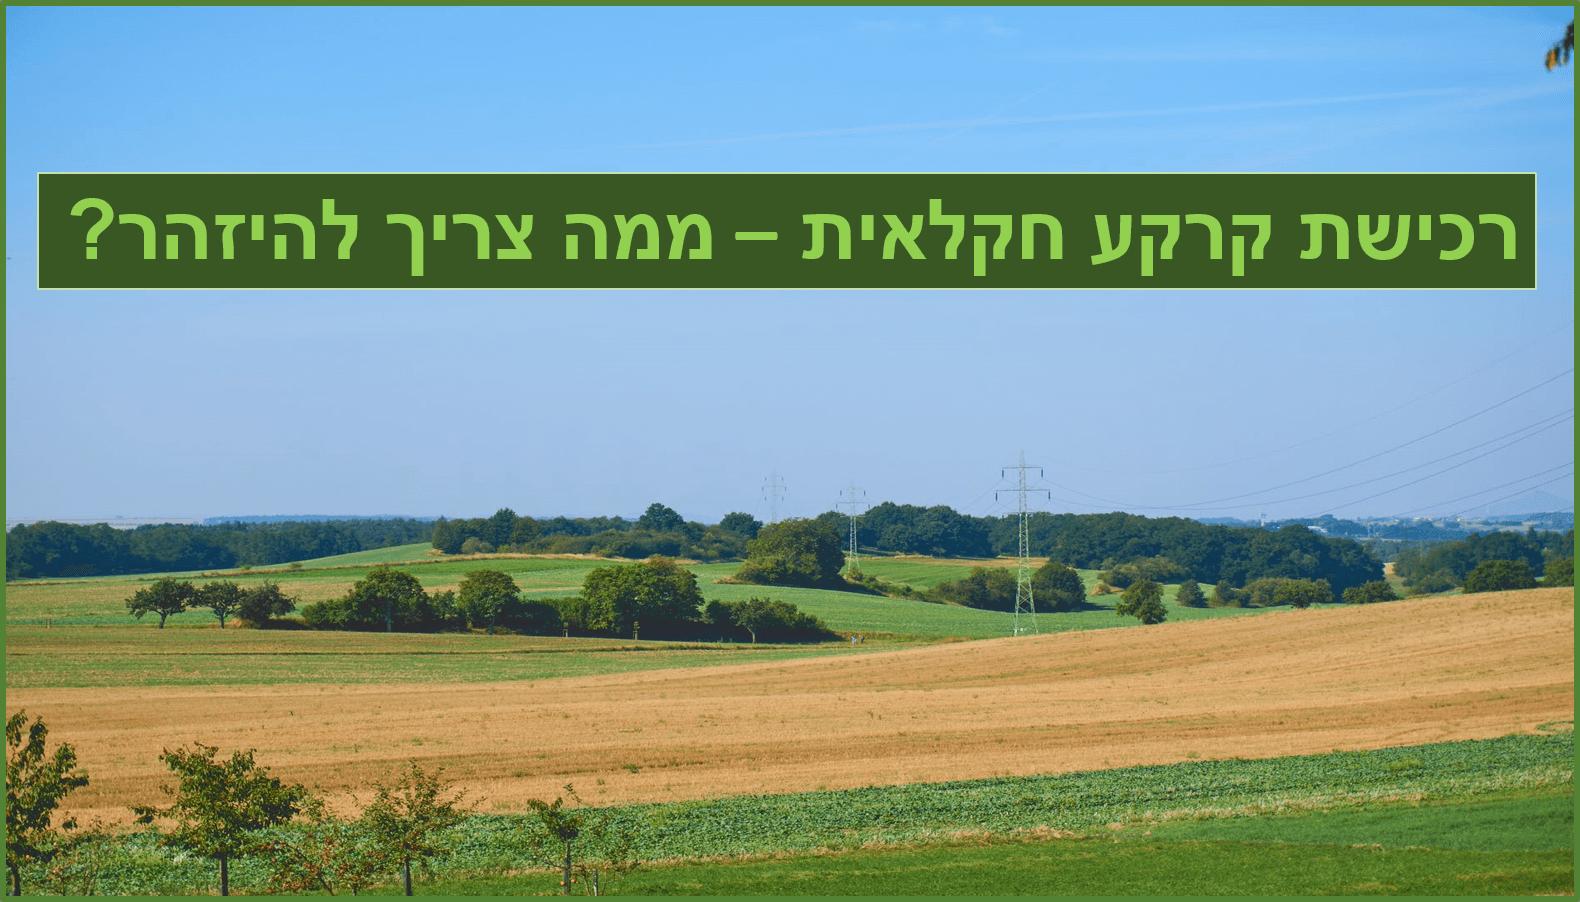 כל מה שצריך לדעת על רכישת קרקע חקלאית